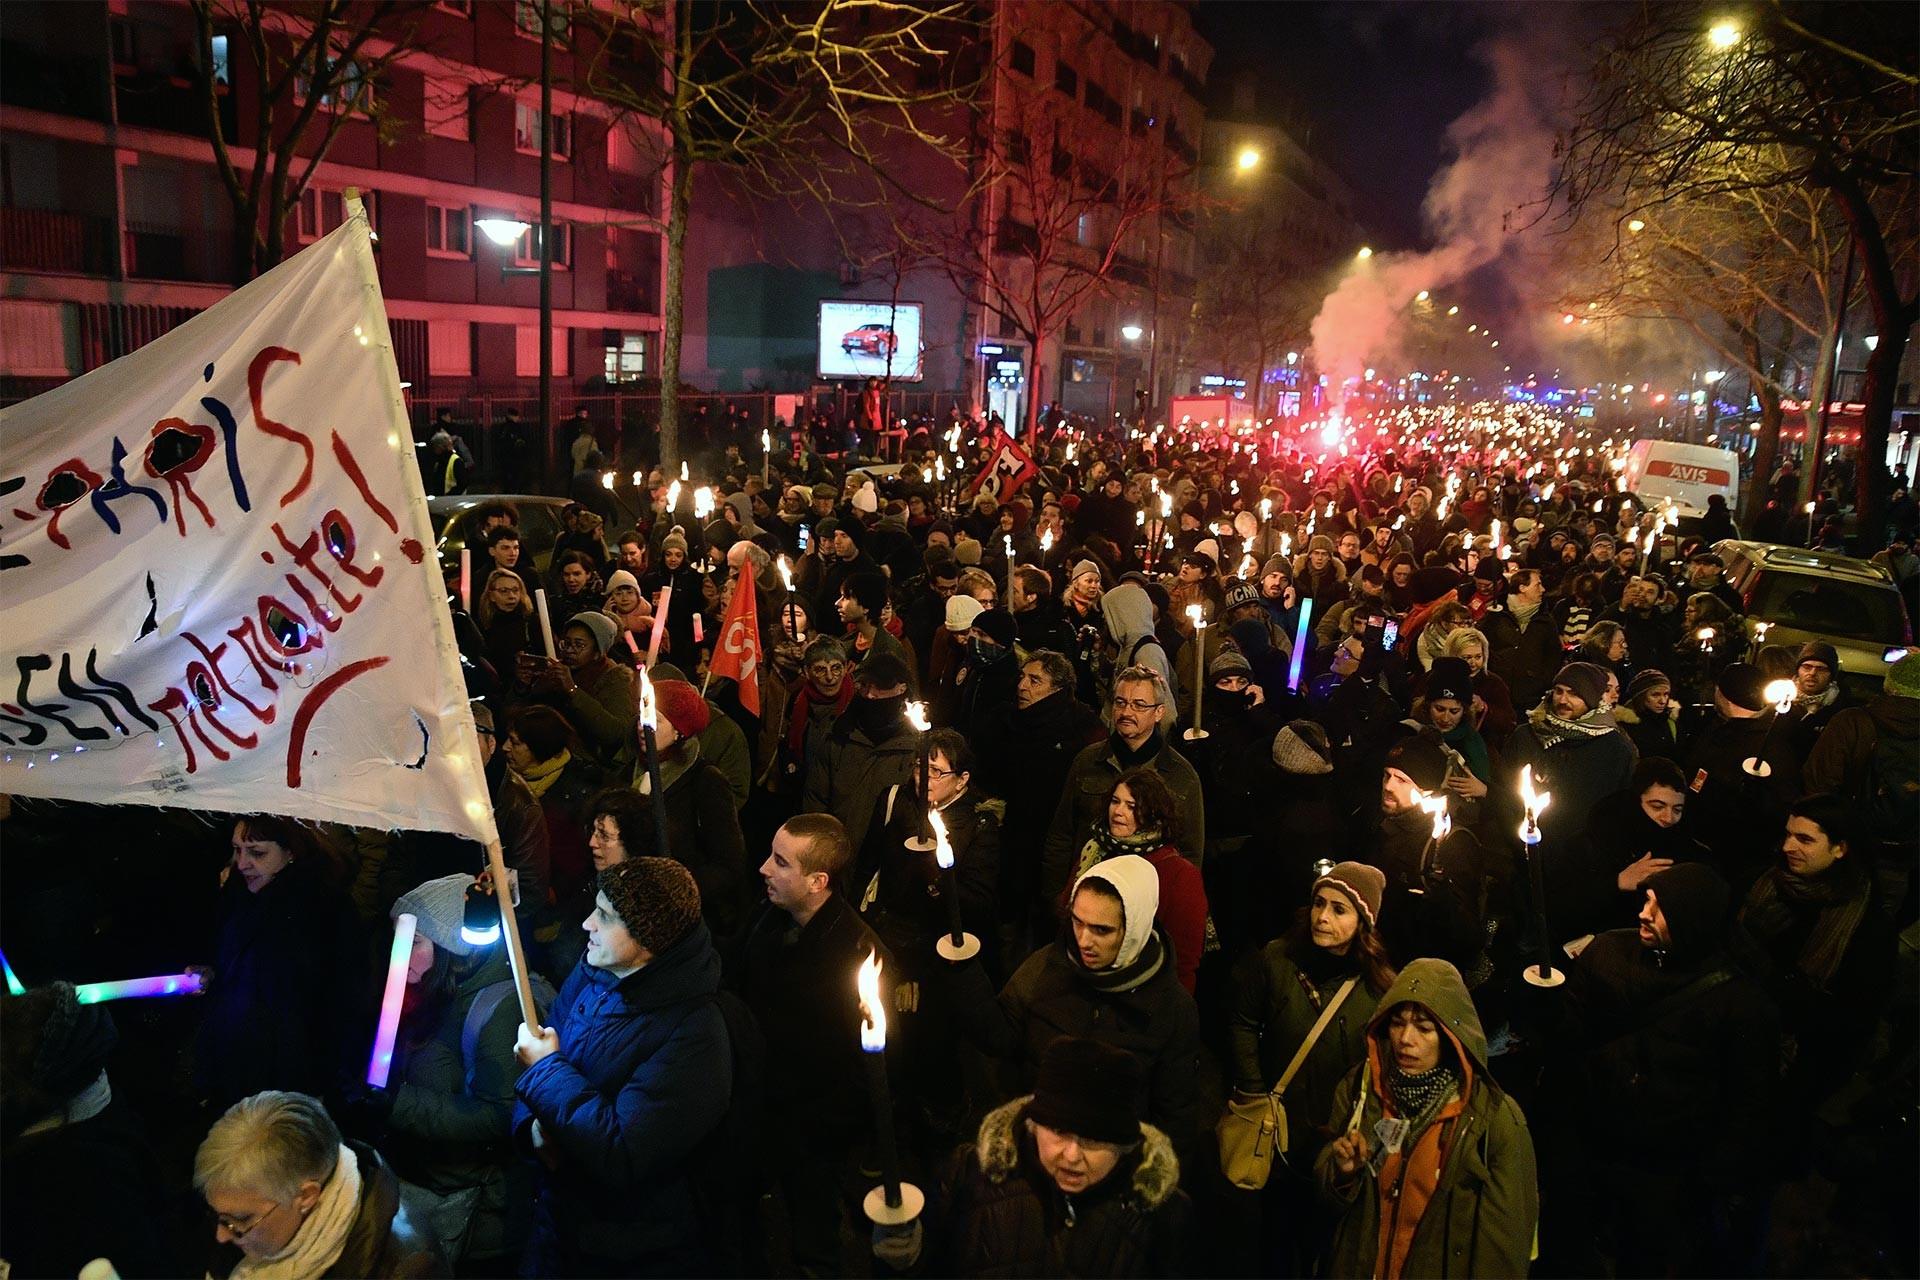 Fransa'da emeklilik reformuna karşı düzenlenen eylemde meşaleler taşındı